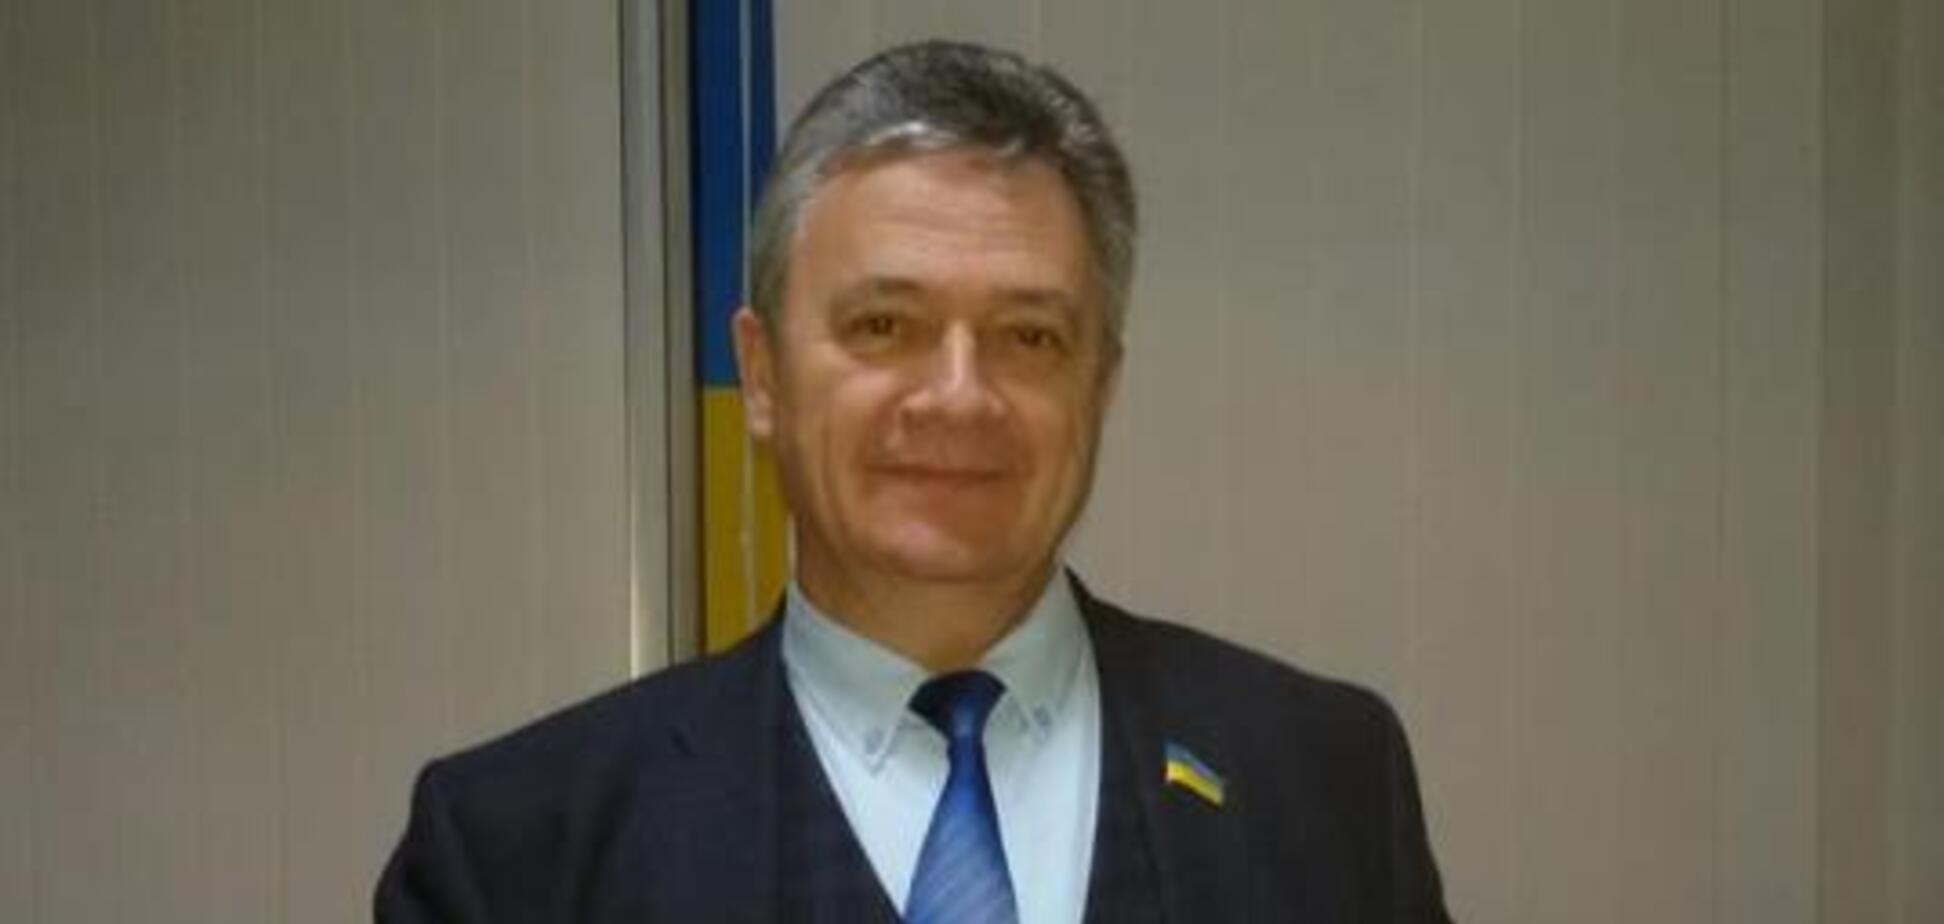 Програма Габера на виборах президента